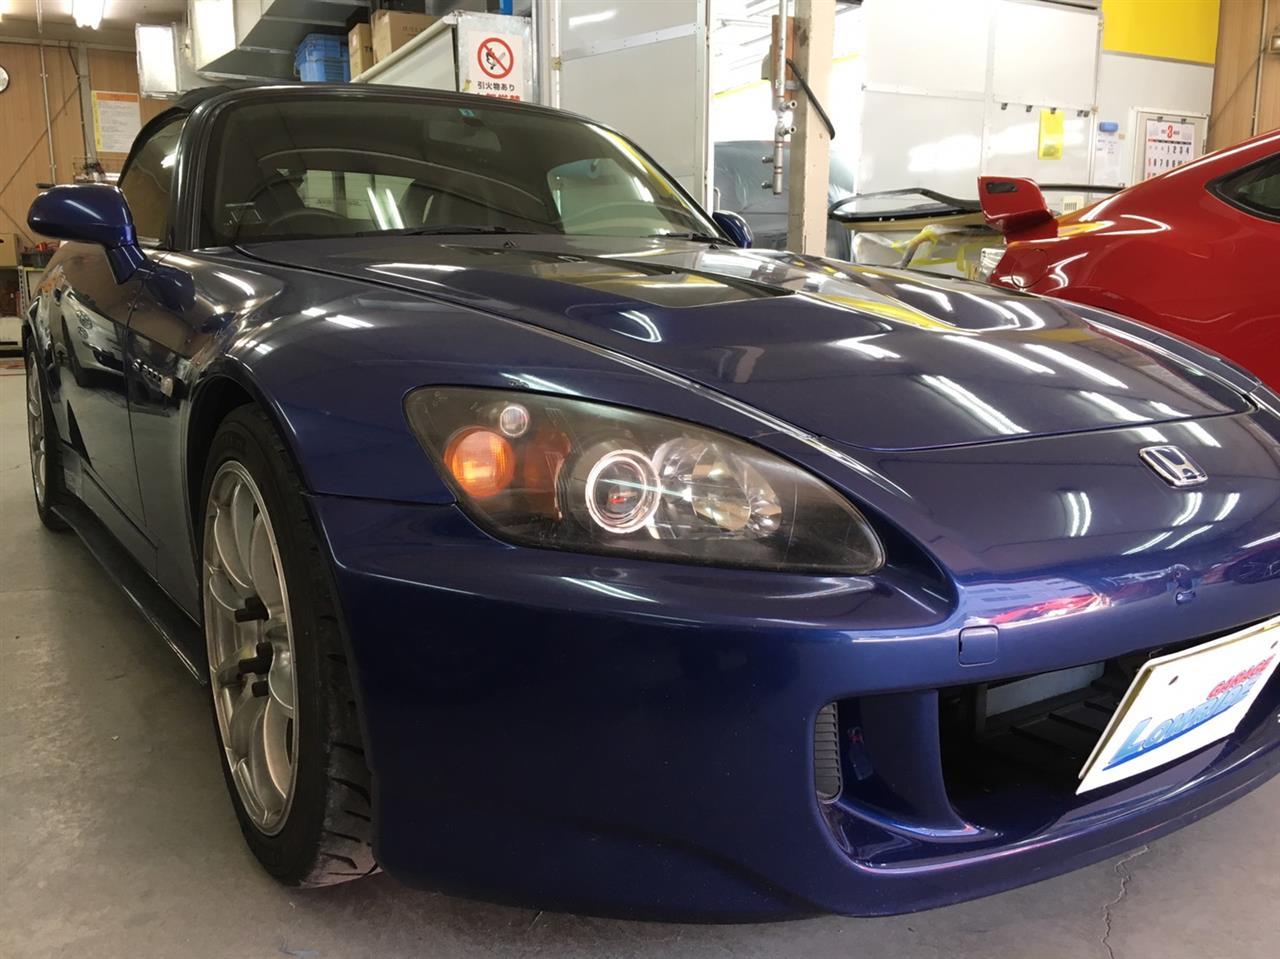 立川市の車の板金塗装修理工場 ガレージローライドのホンダ S2000の塗装劣化&他店修理不具合の板金・塗装・修理です。